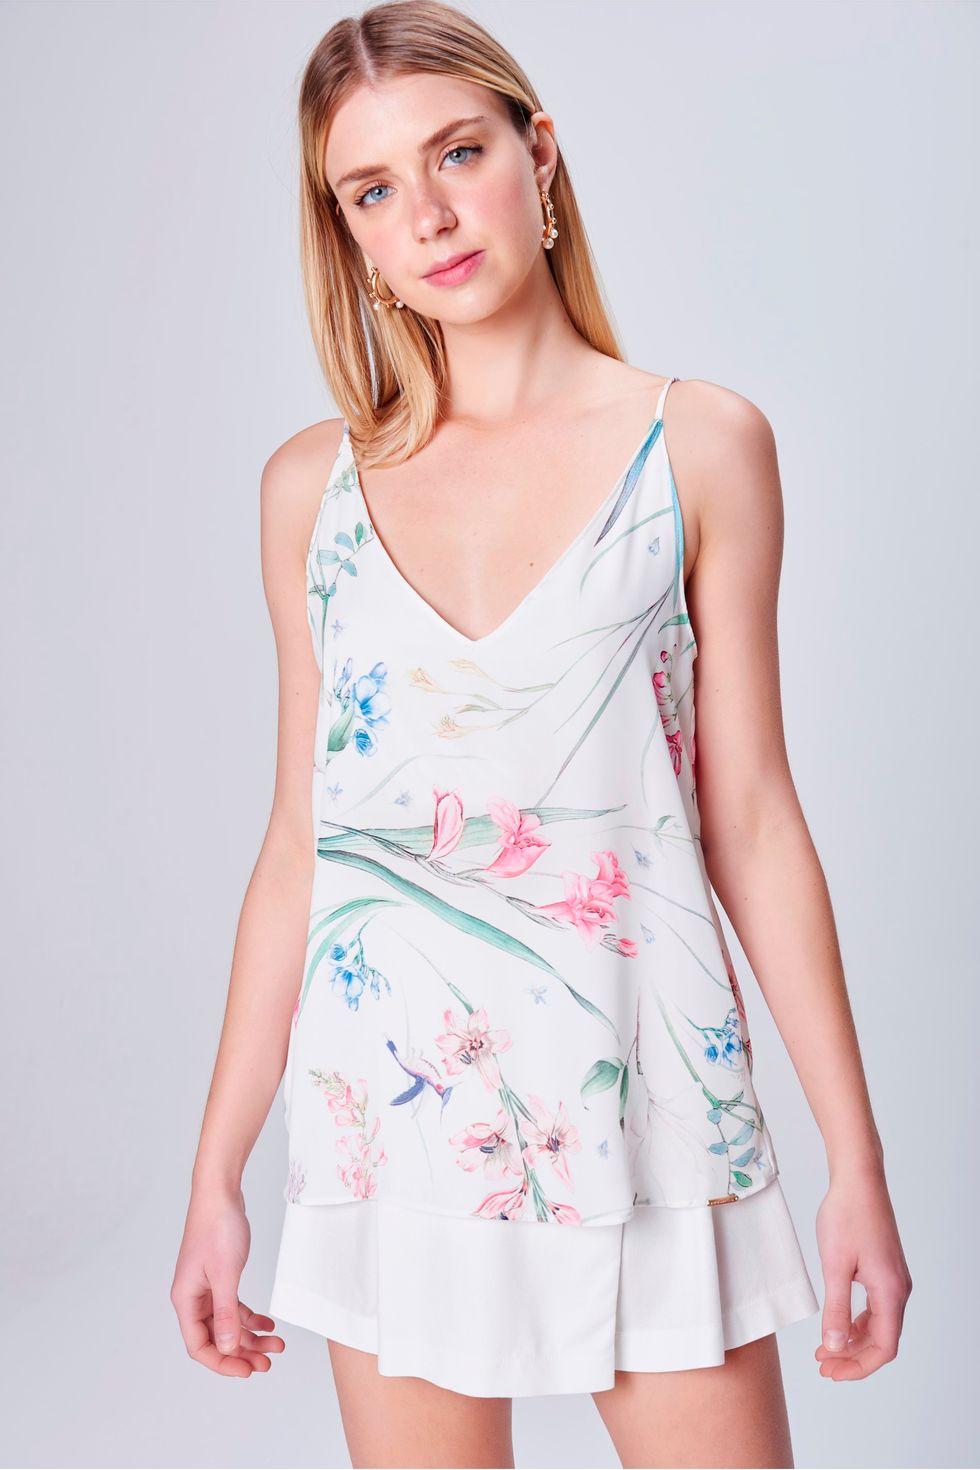 Blusa-de-Alca-com-Estampa-Floral-Frente--